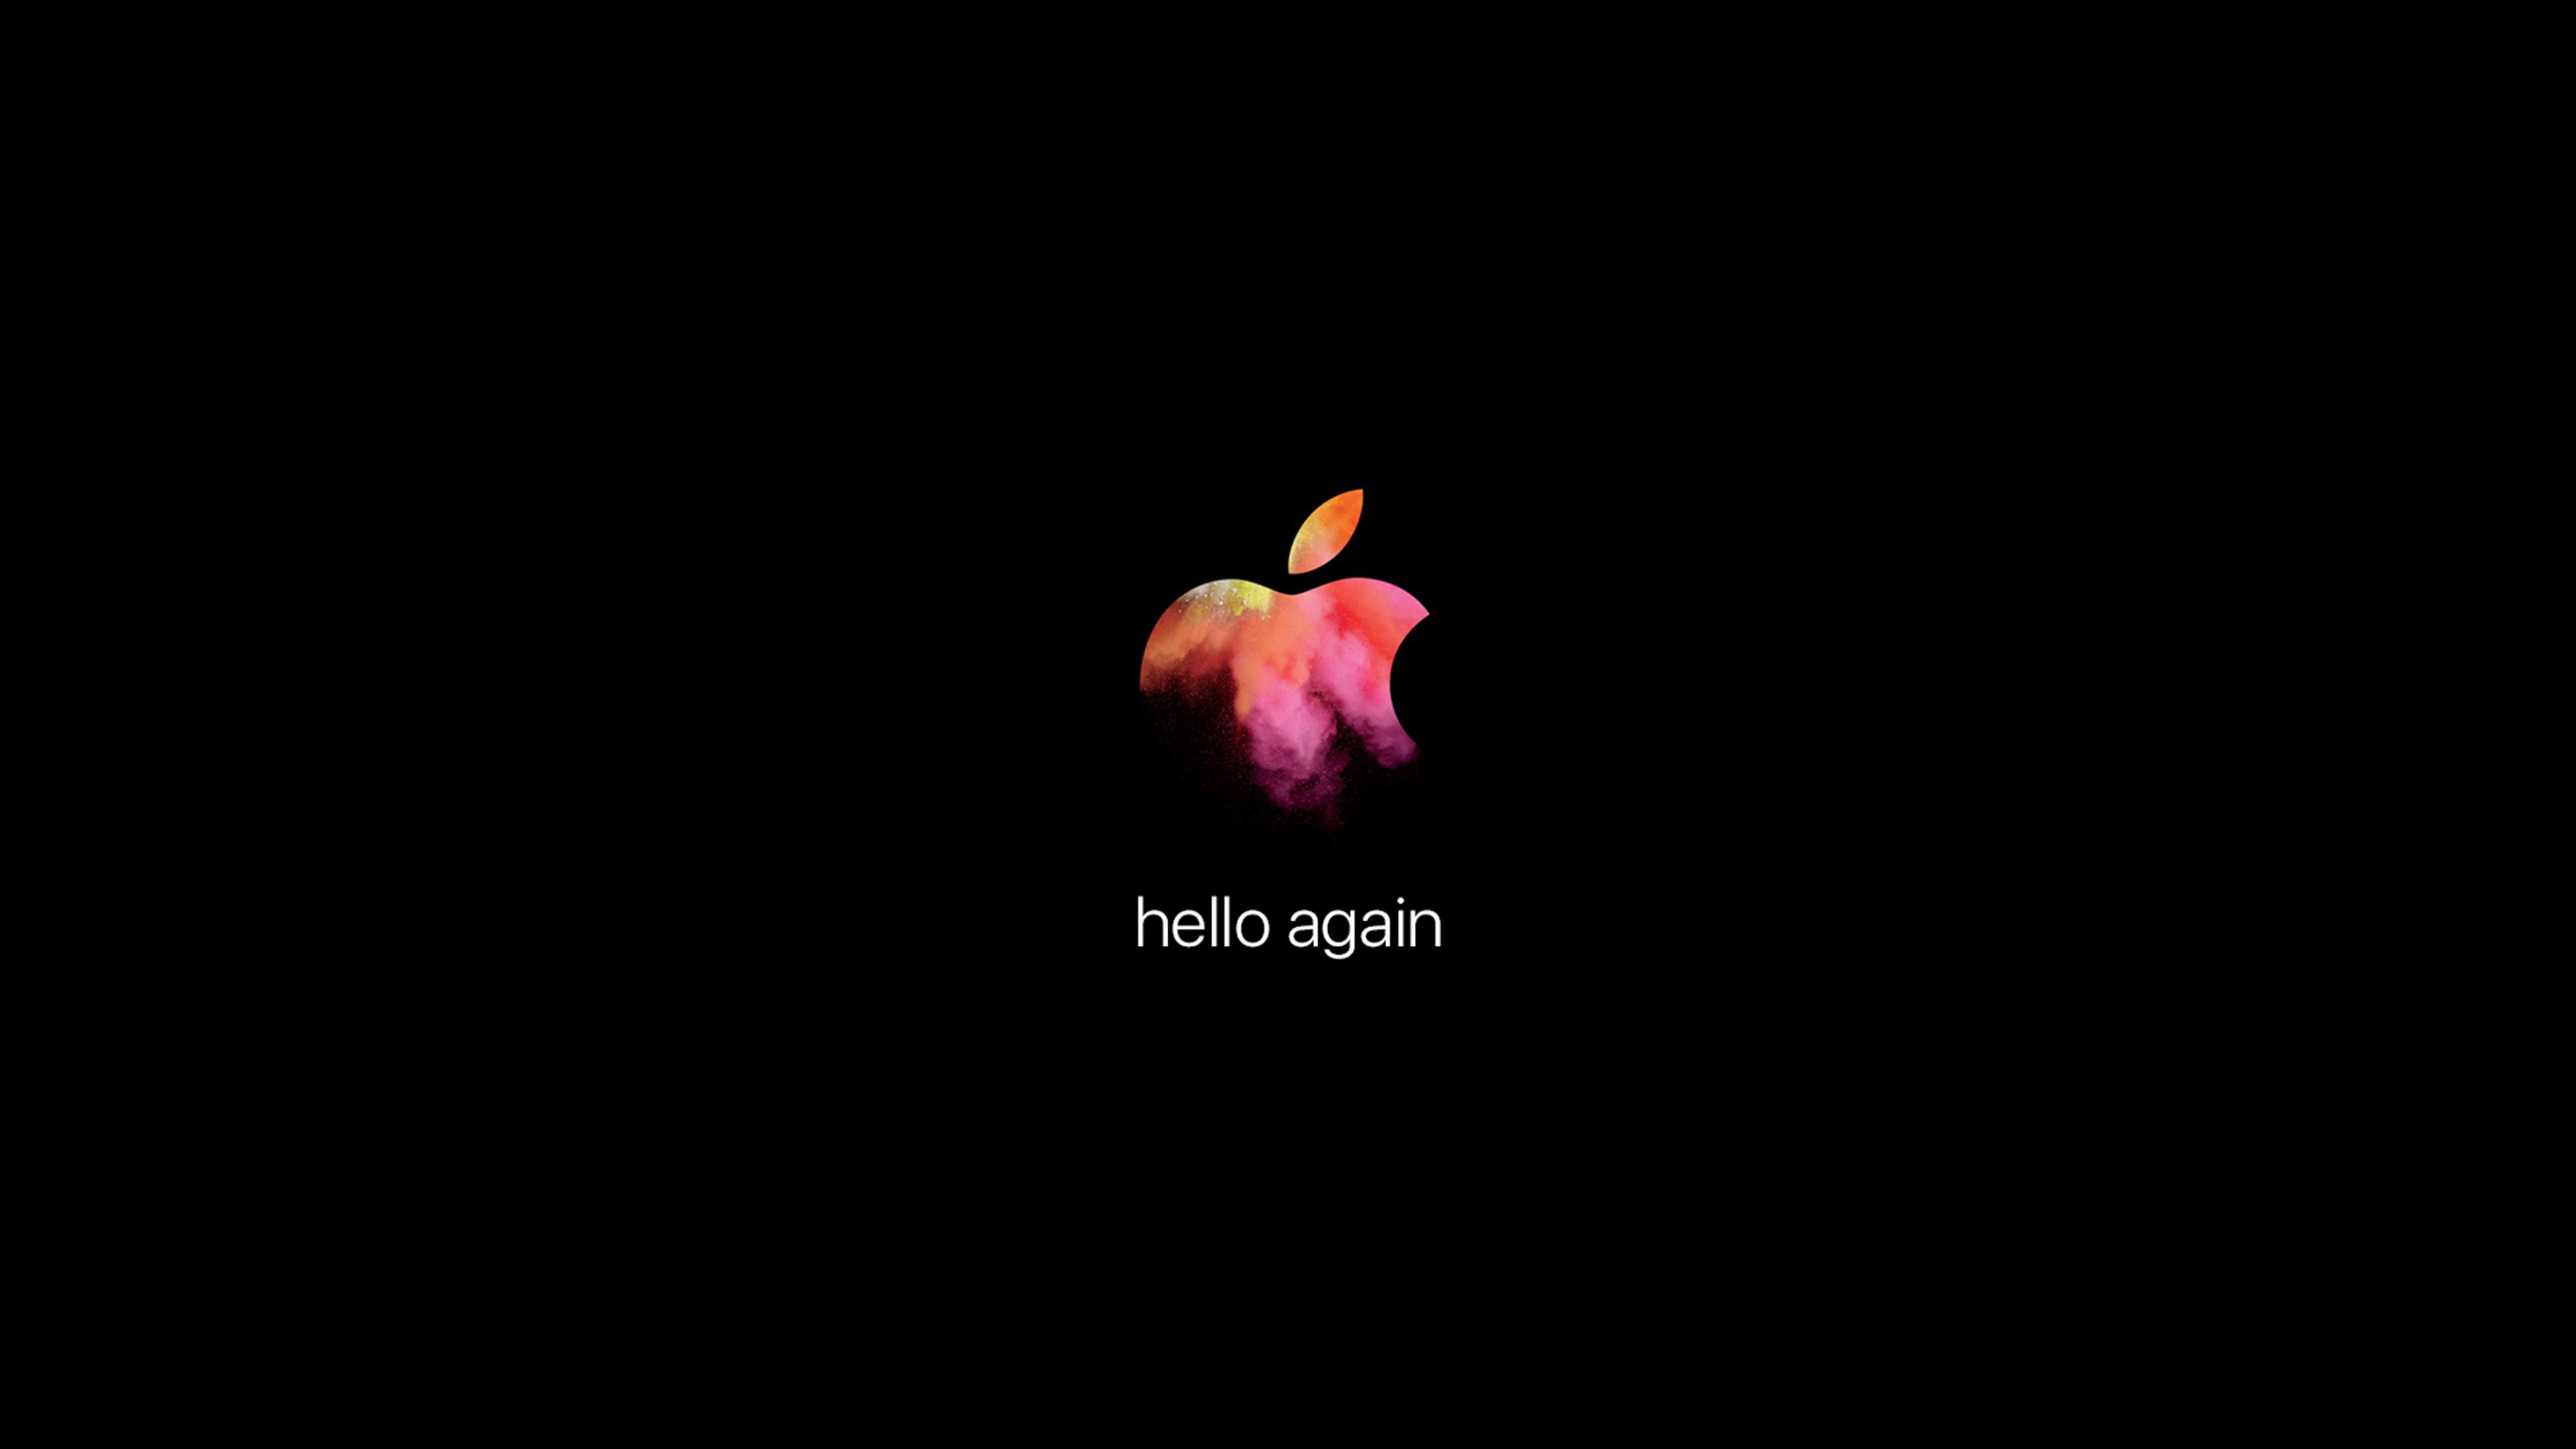 Hello again 27 iMac